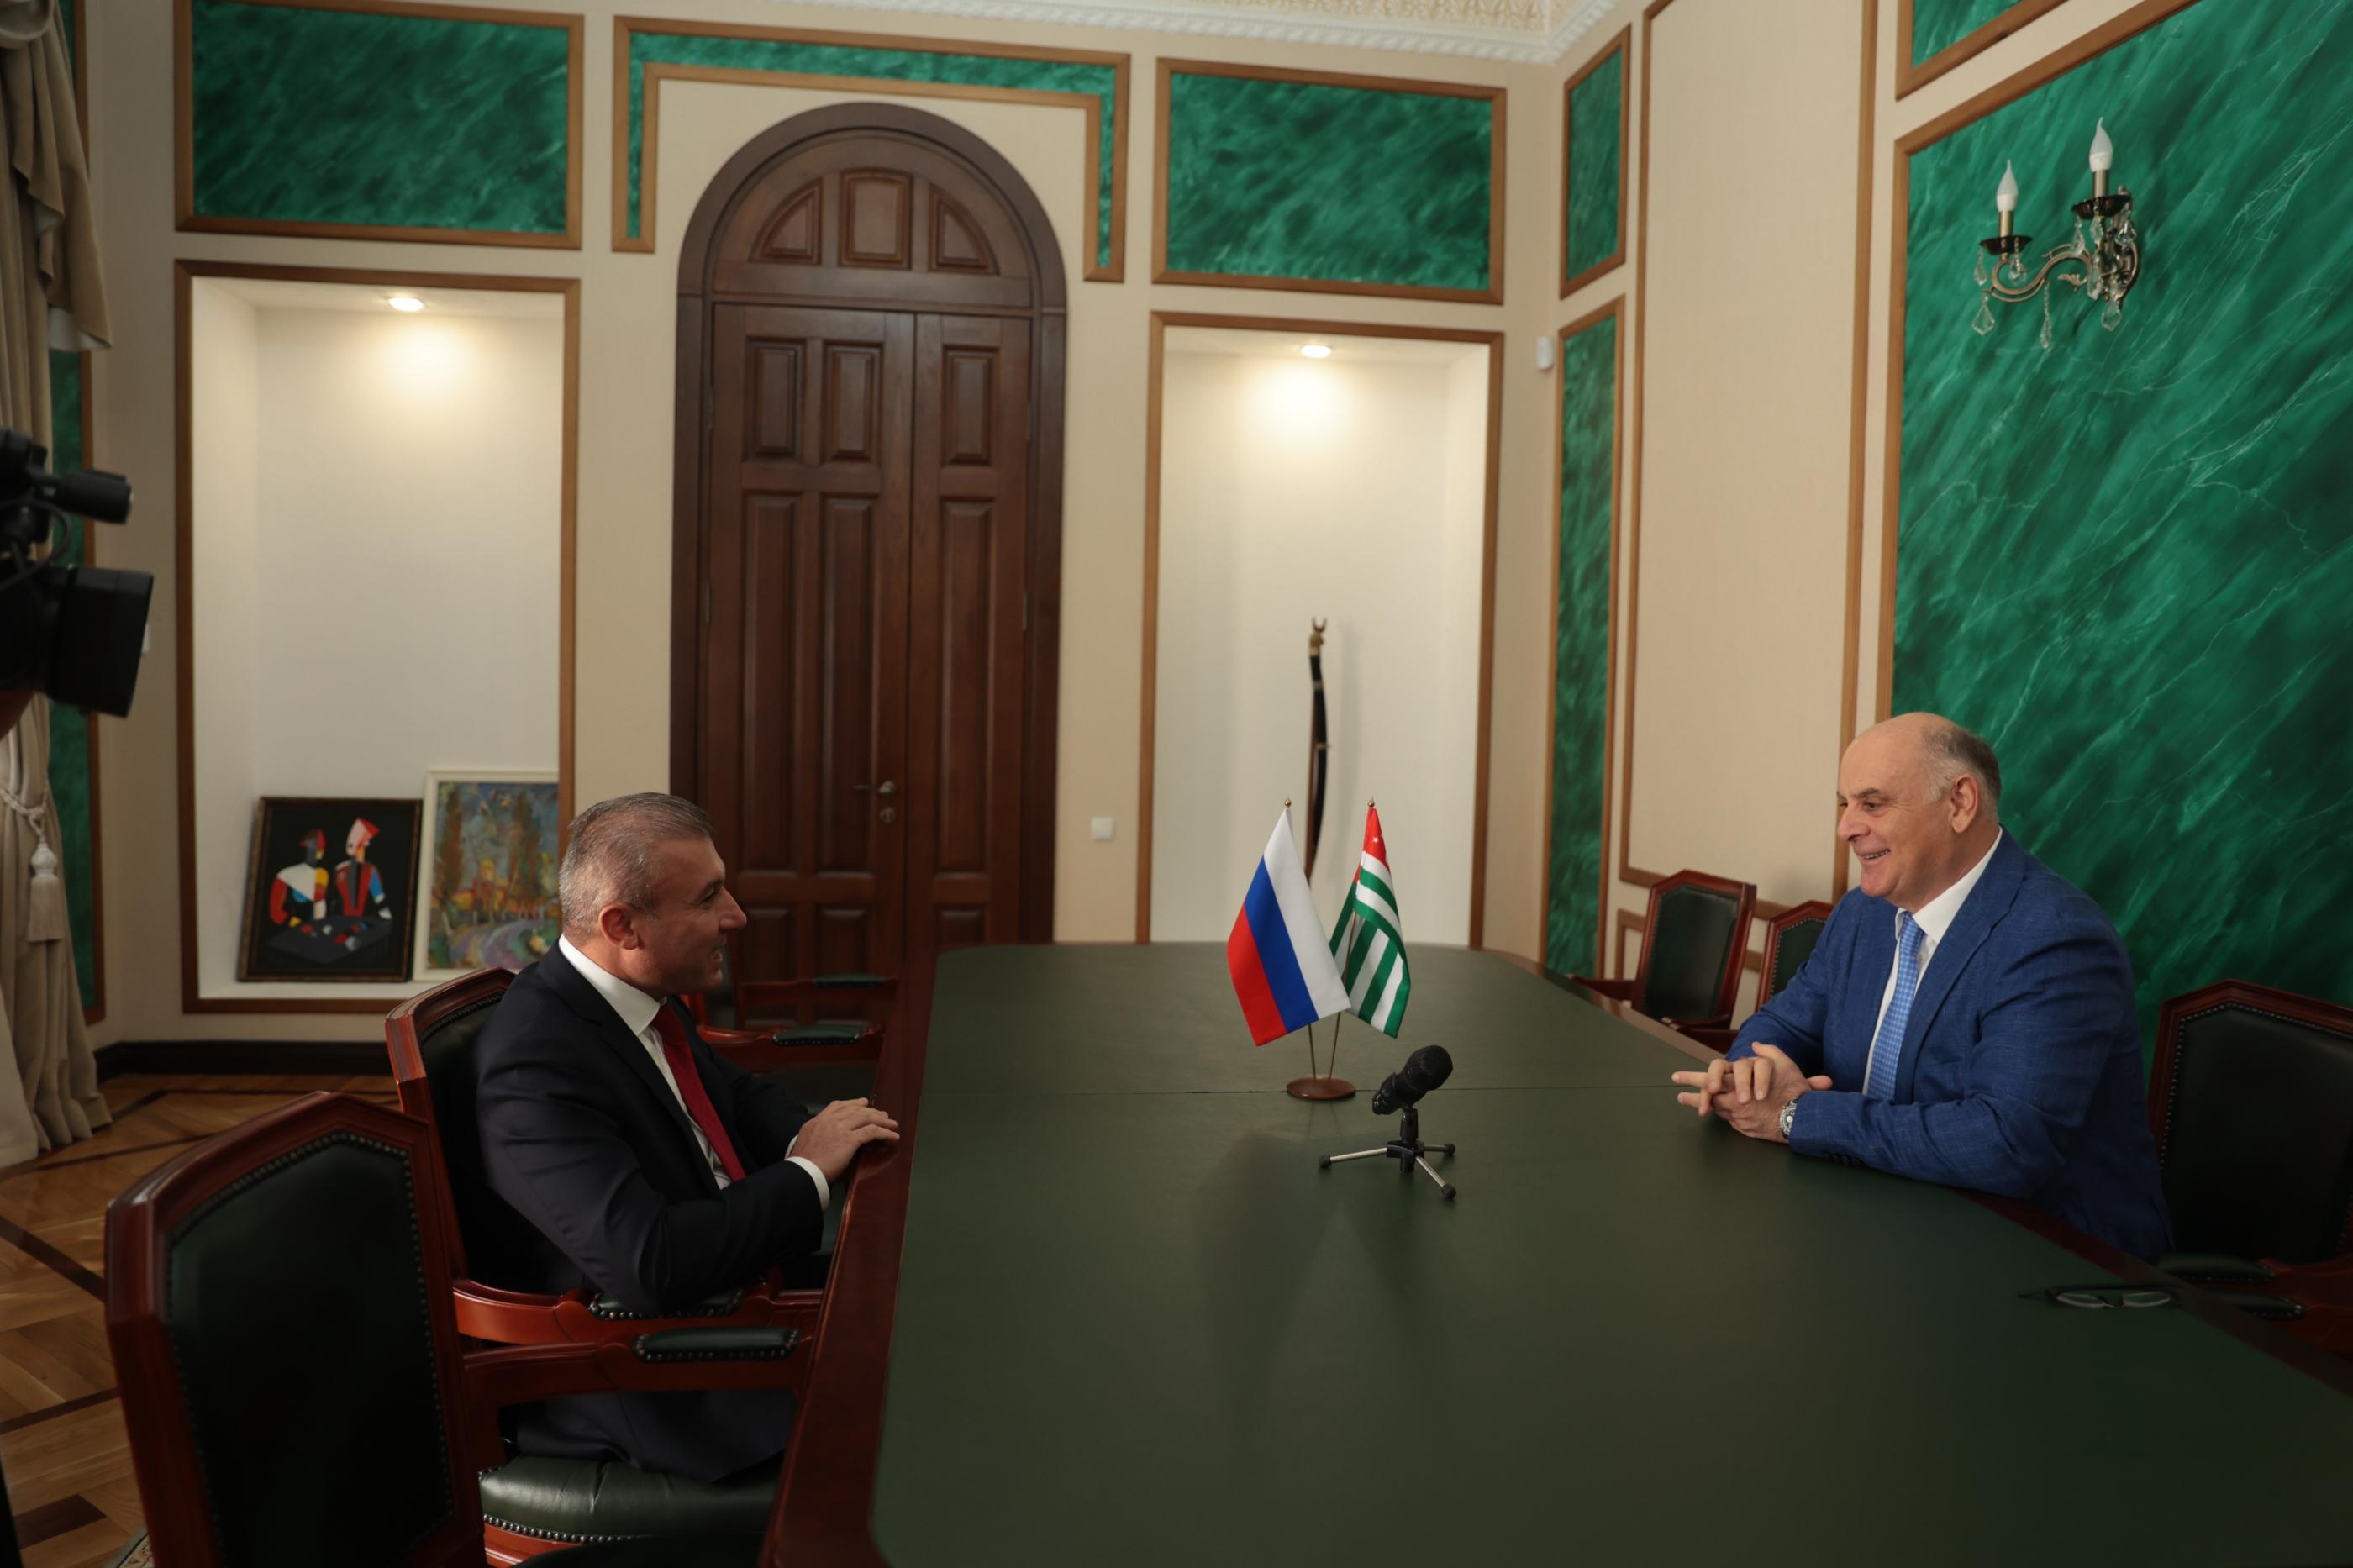 Состоялась встреча Президента Абхазии Аслана Бжания с делегацией Архангельской области во главе с Ваге Петросяном